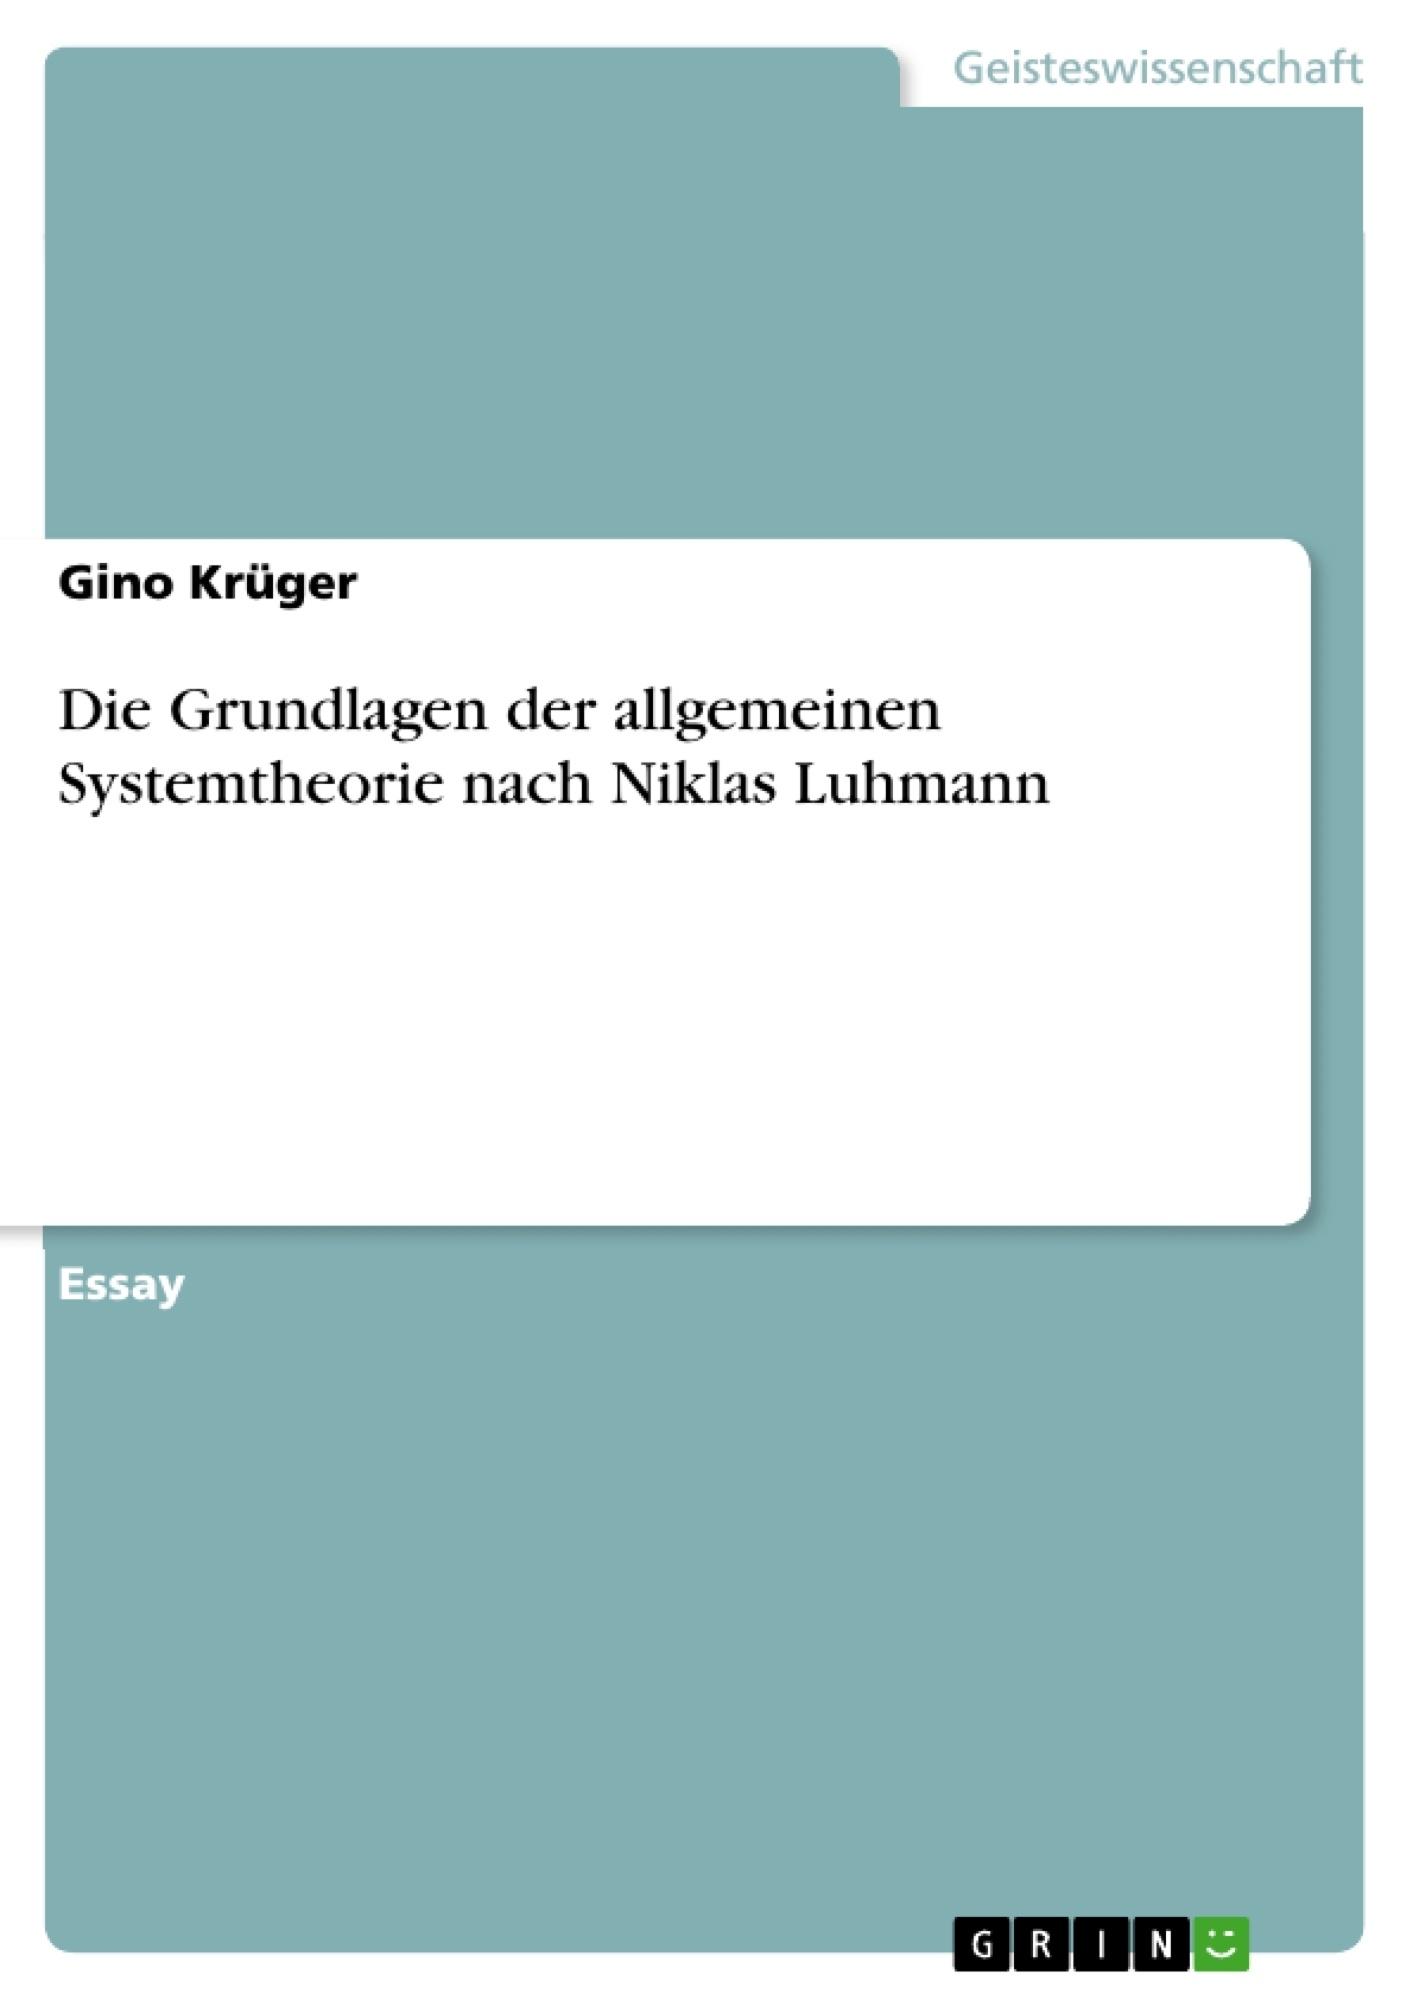 Titel: Die Grundlagen der allgemeinen Systemtheorie nach Niklas Luhmann